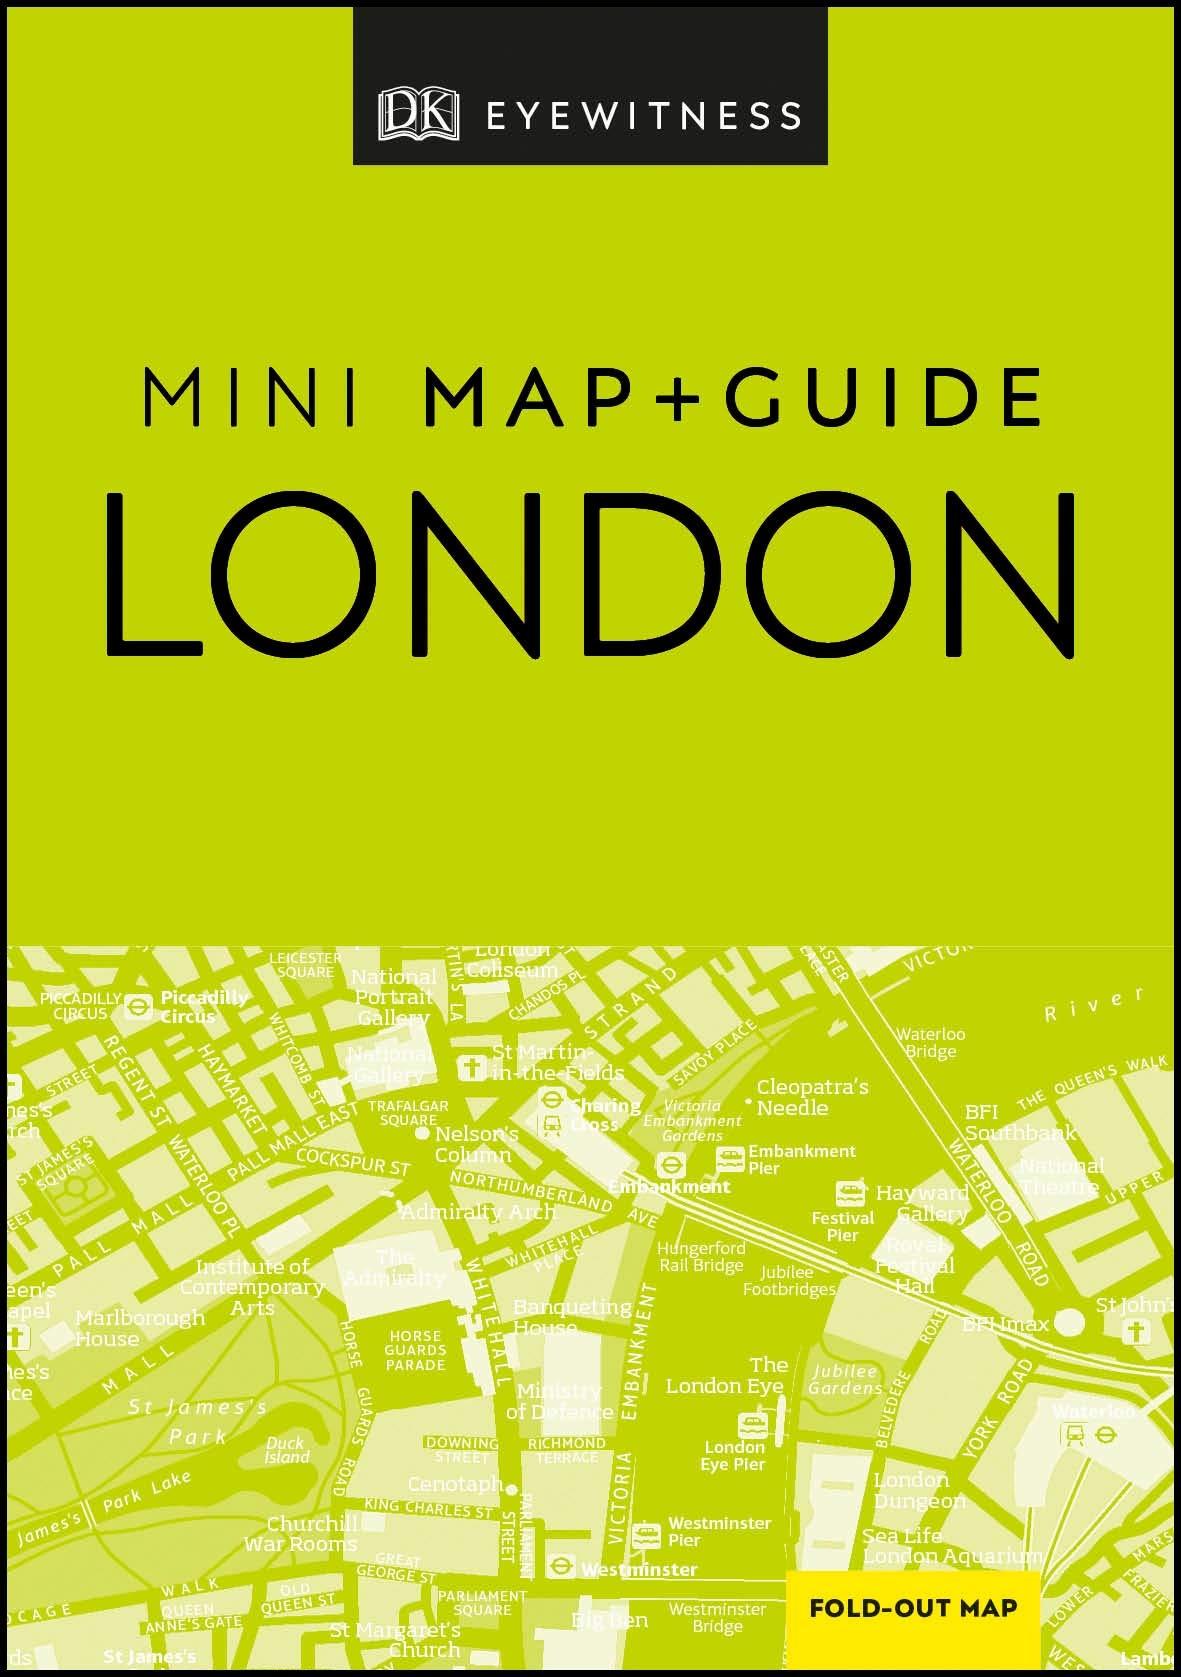 מדריך לונדון דורלינג קינדרסלי